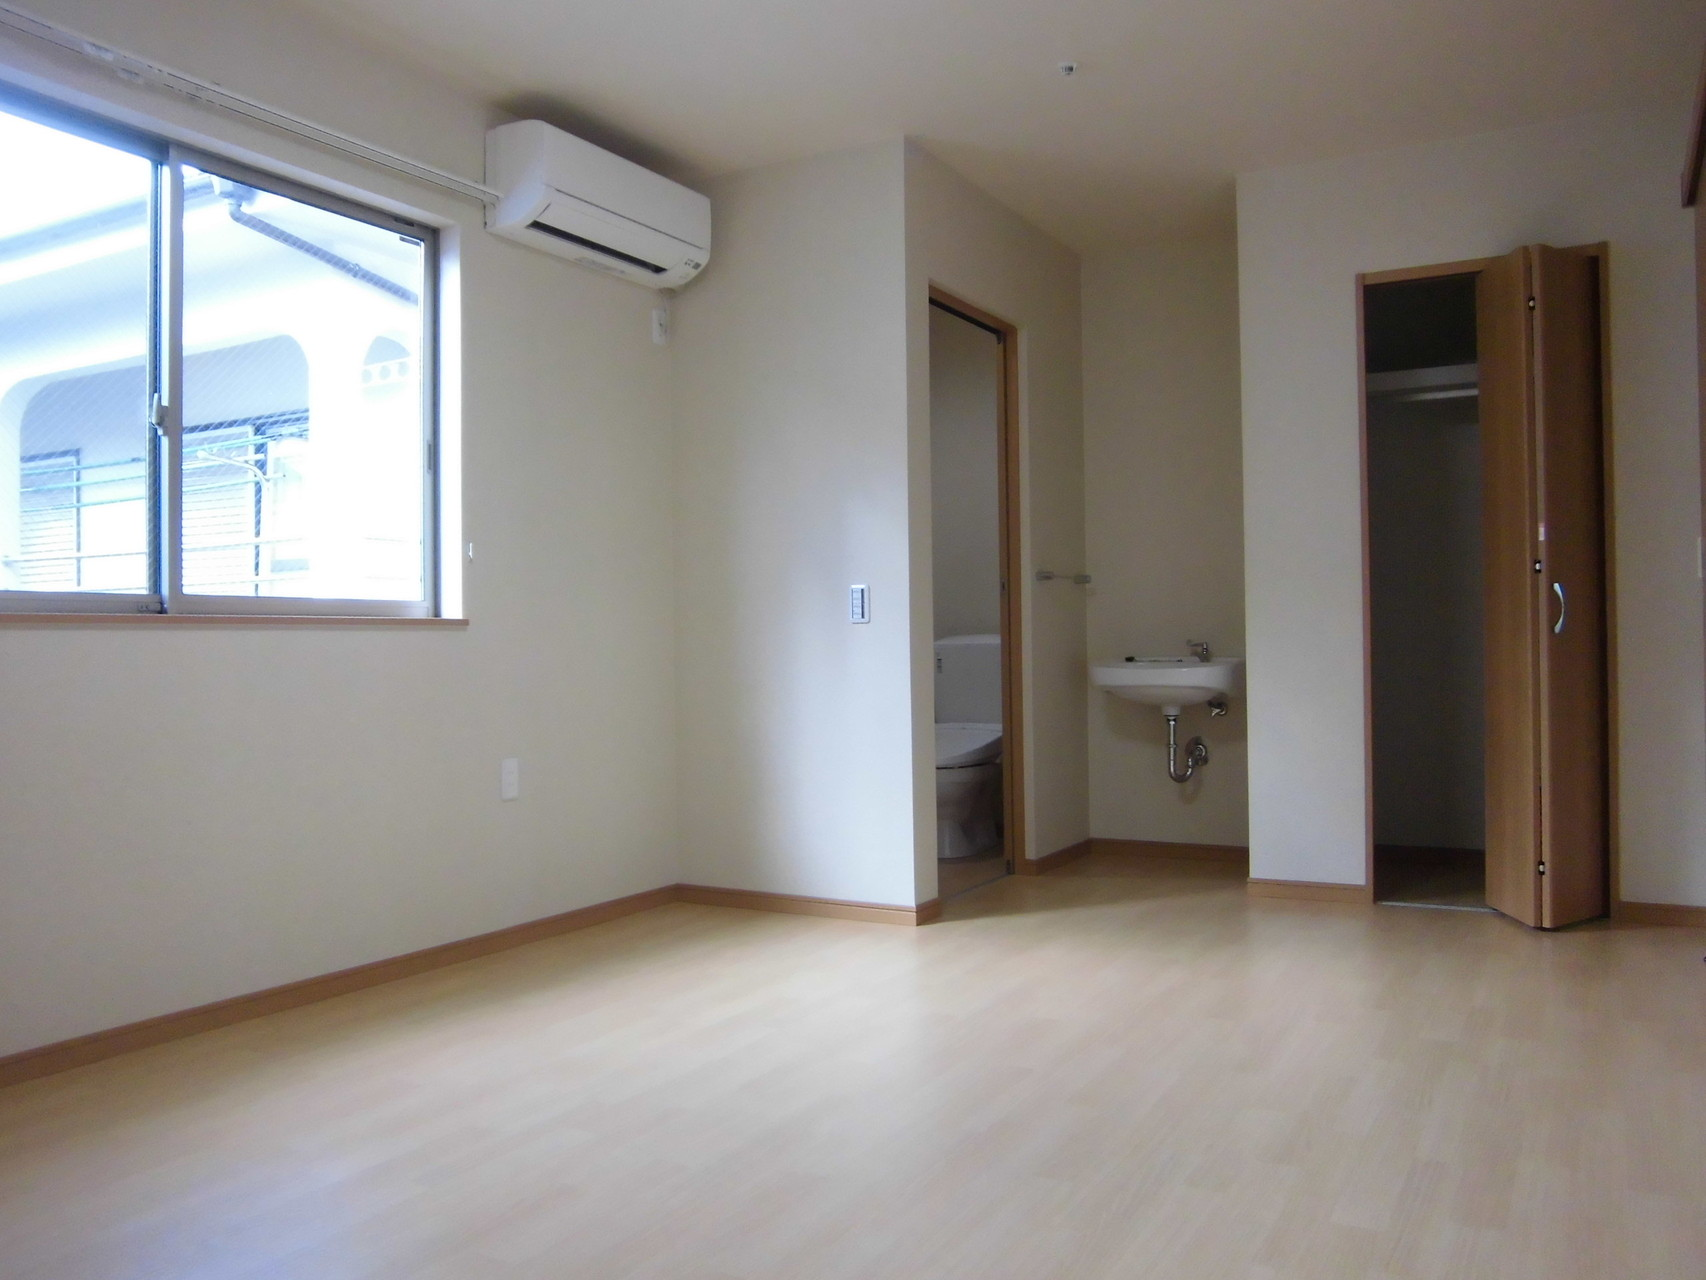 居室(全室洗面台、トイレ、クローゼット、エアコン設置)